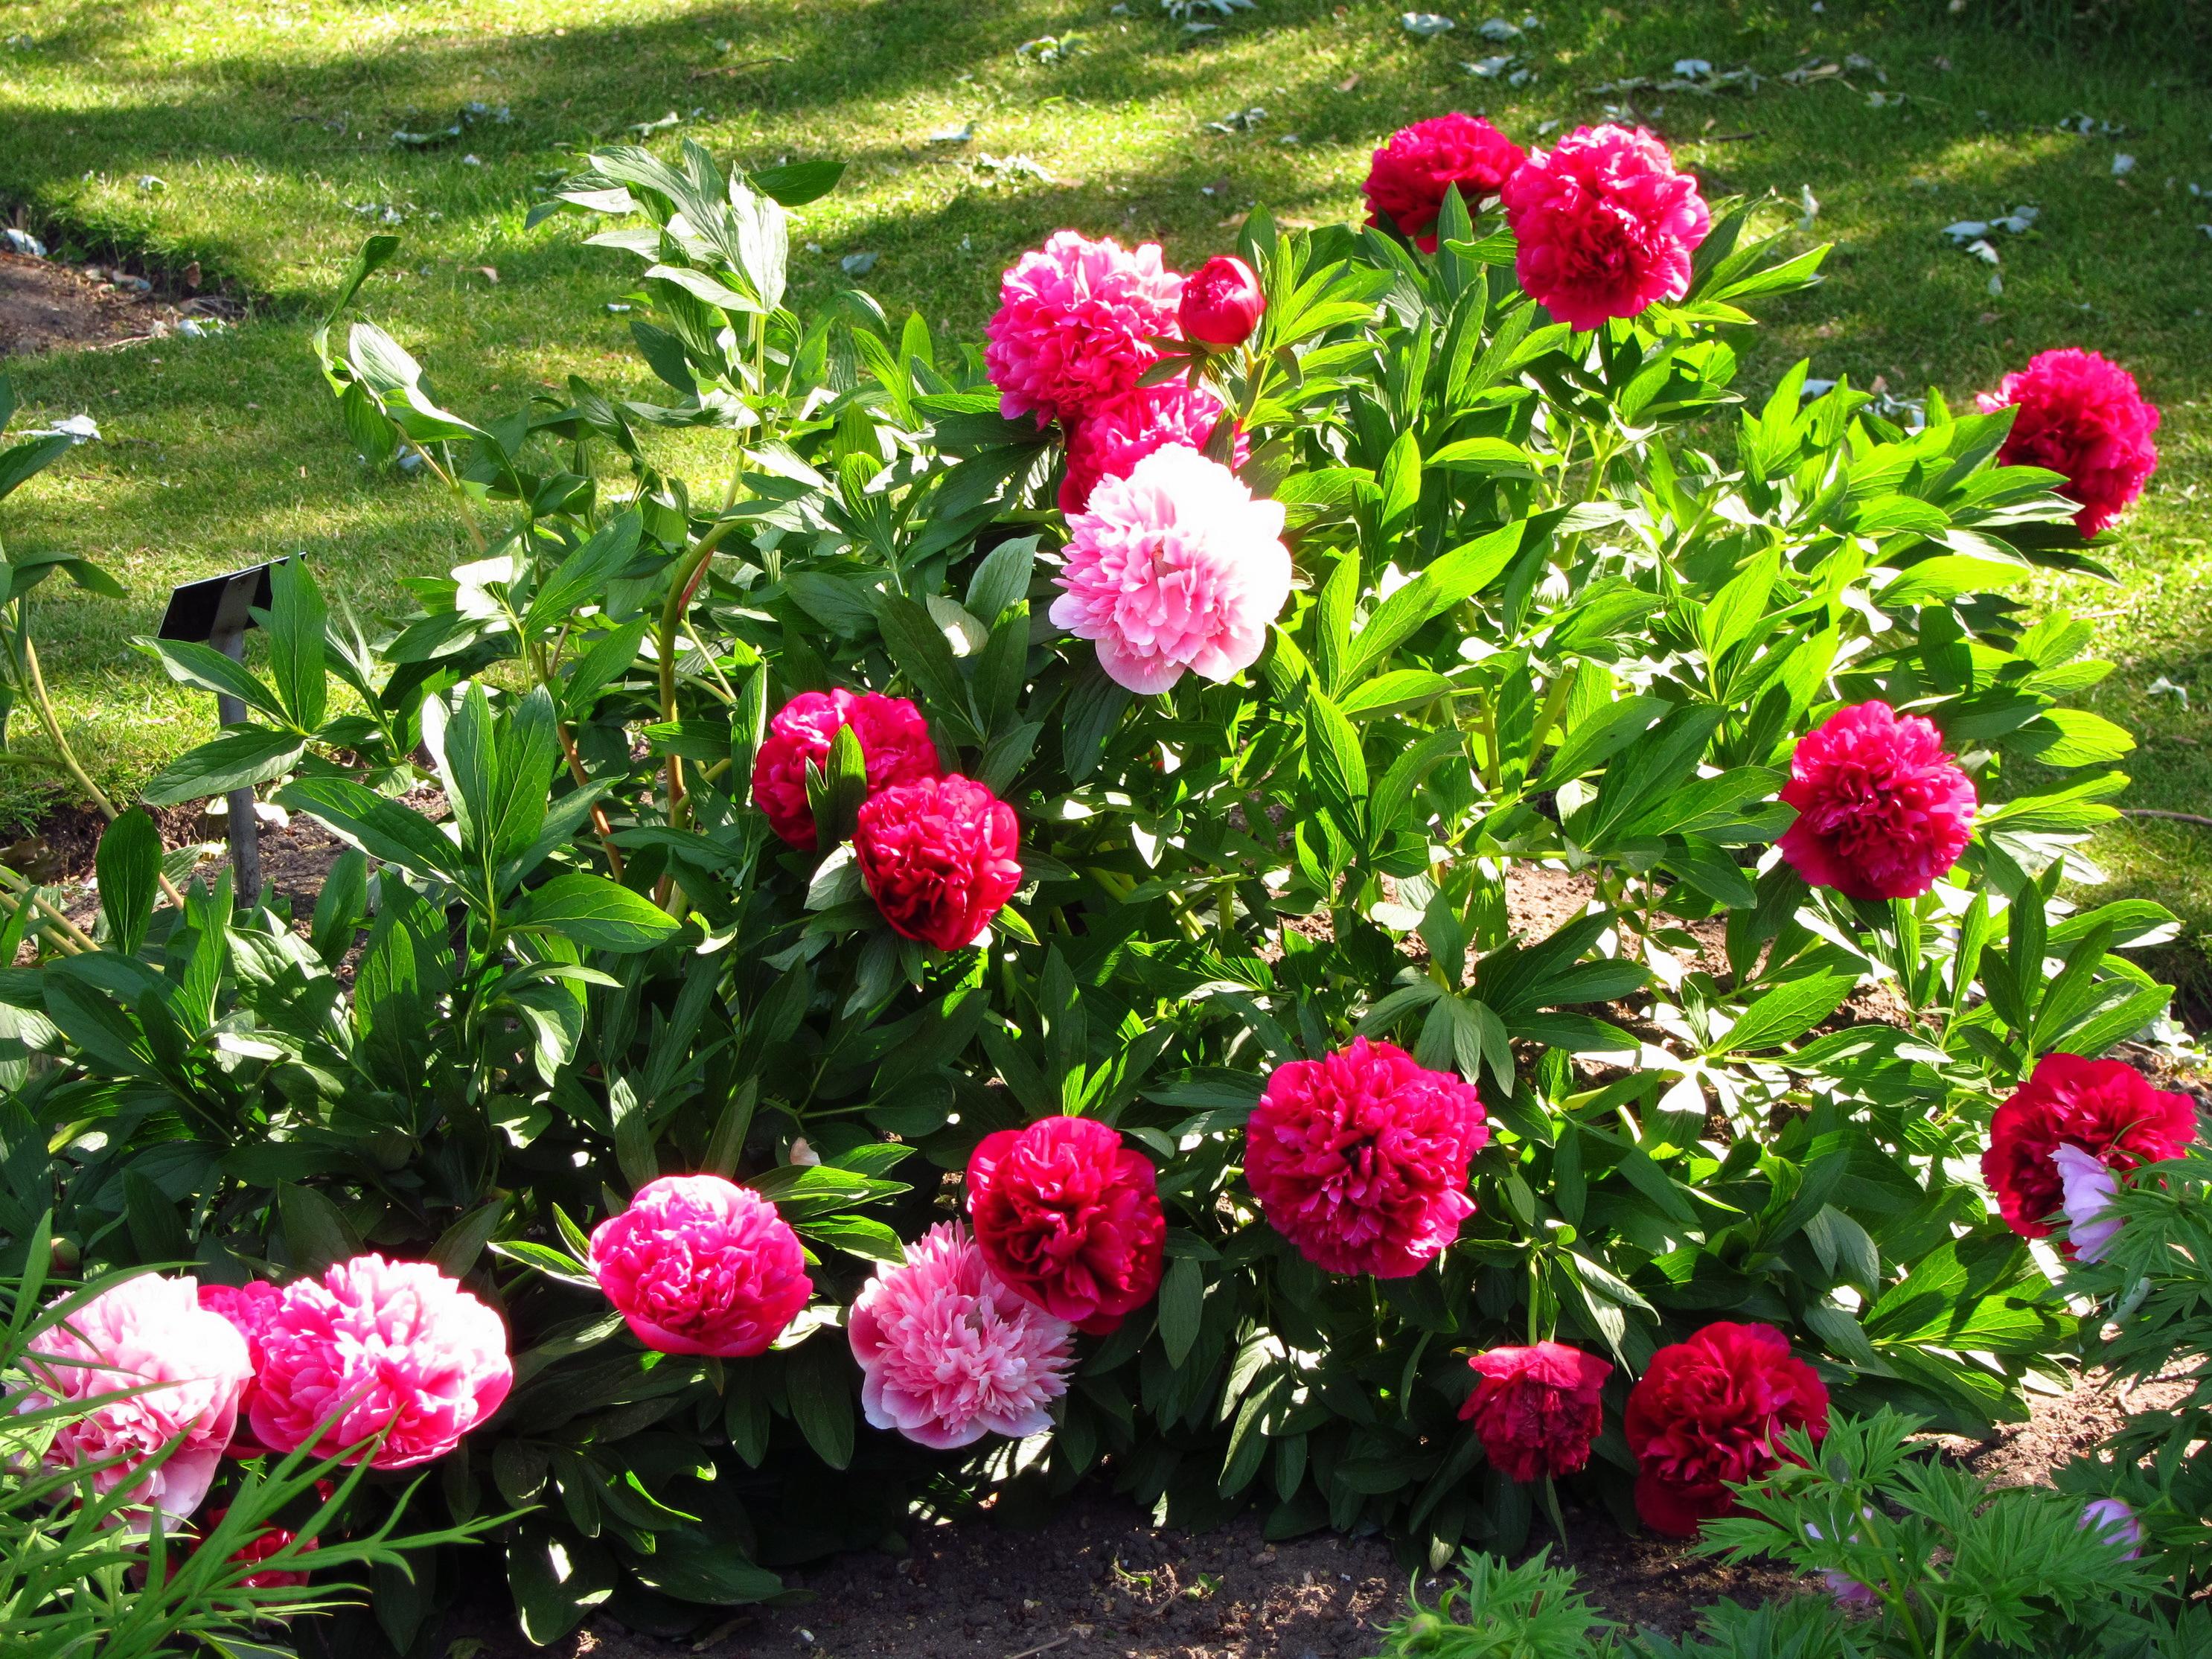 In the garden of beautiful flowers peonies wallpapers and for Beautiful flower garden pictures